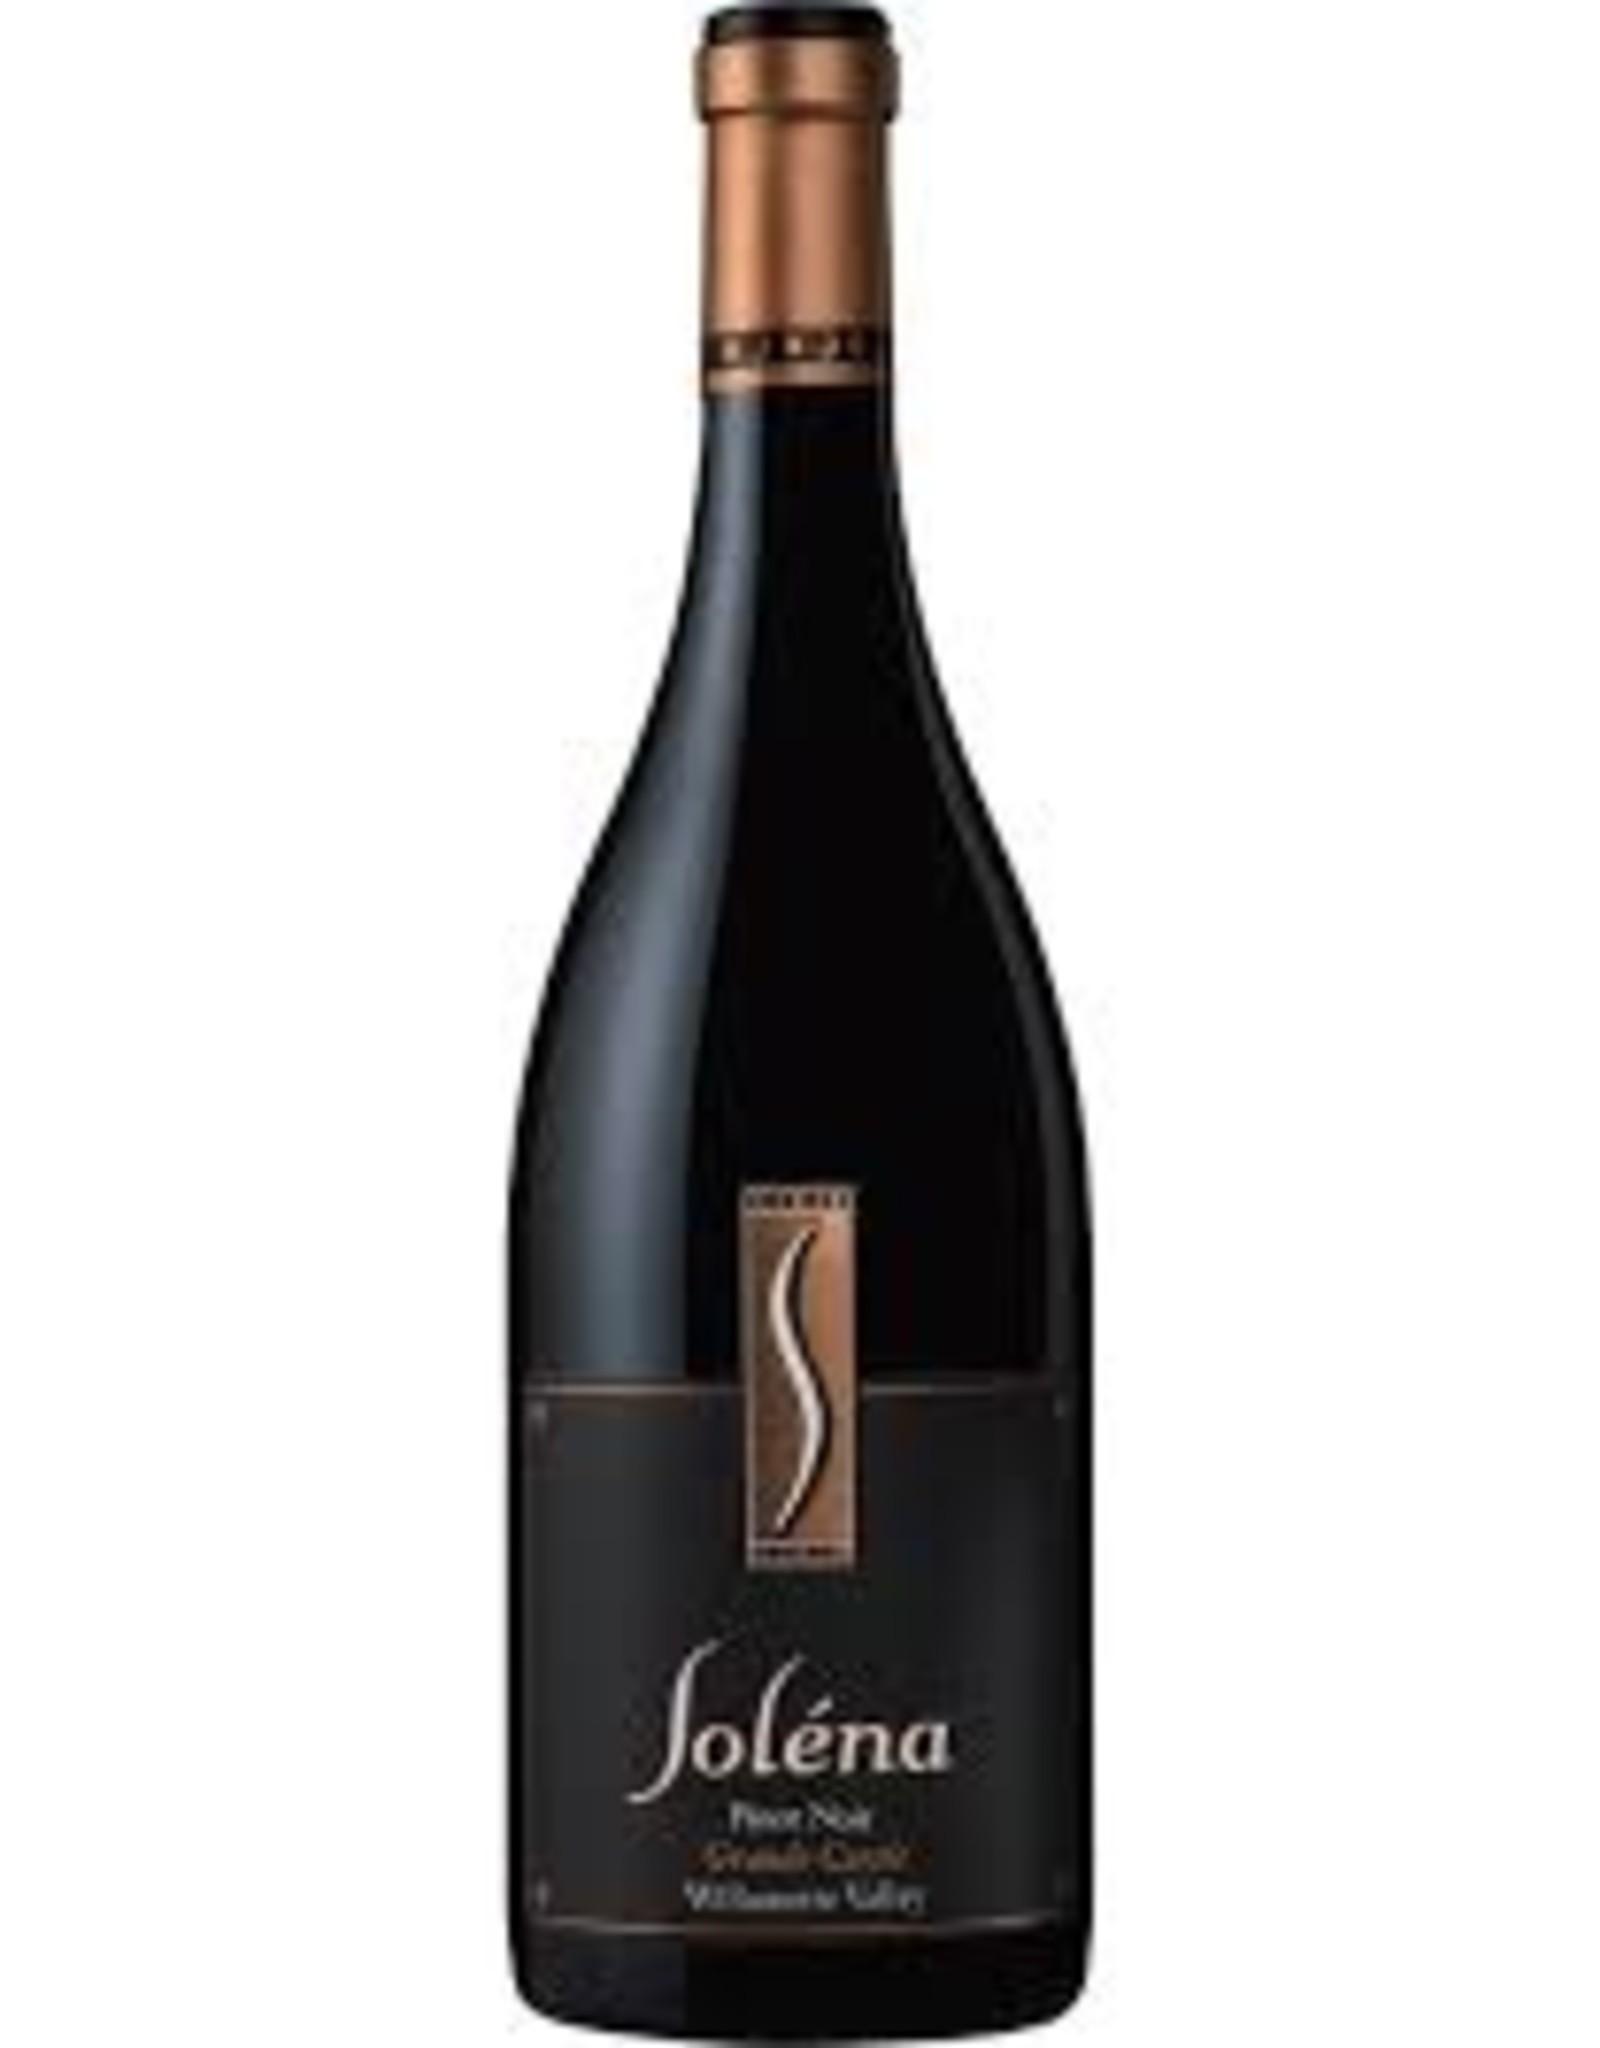 Solena Pinot Noir